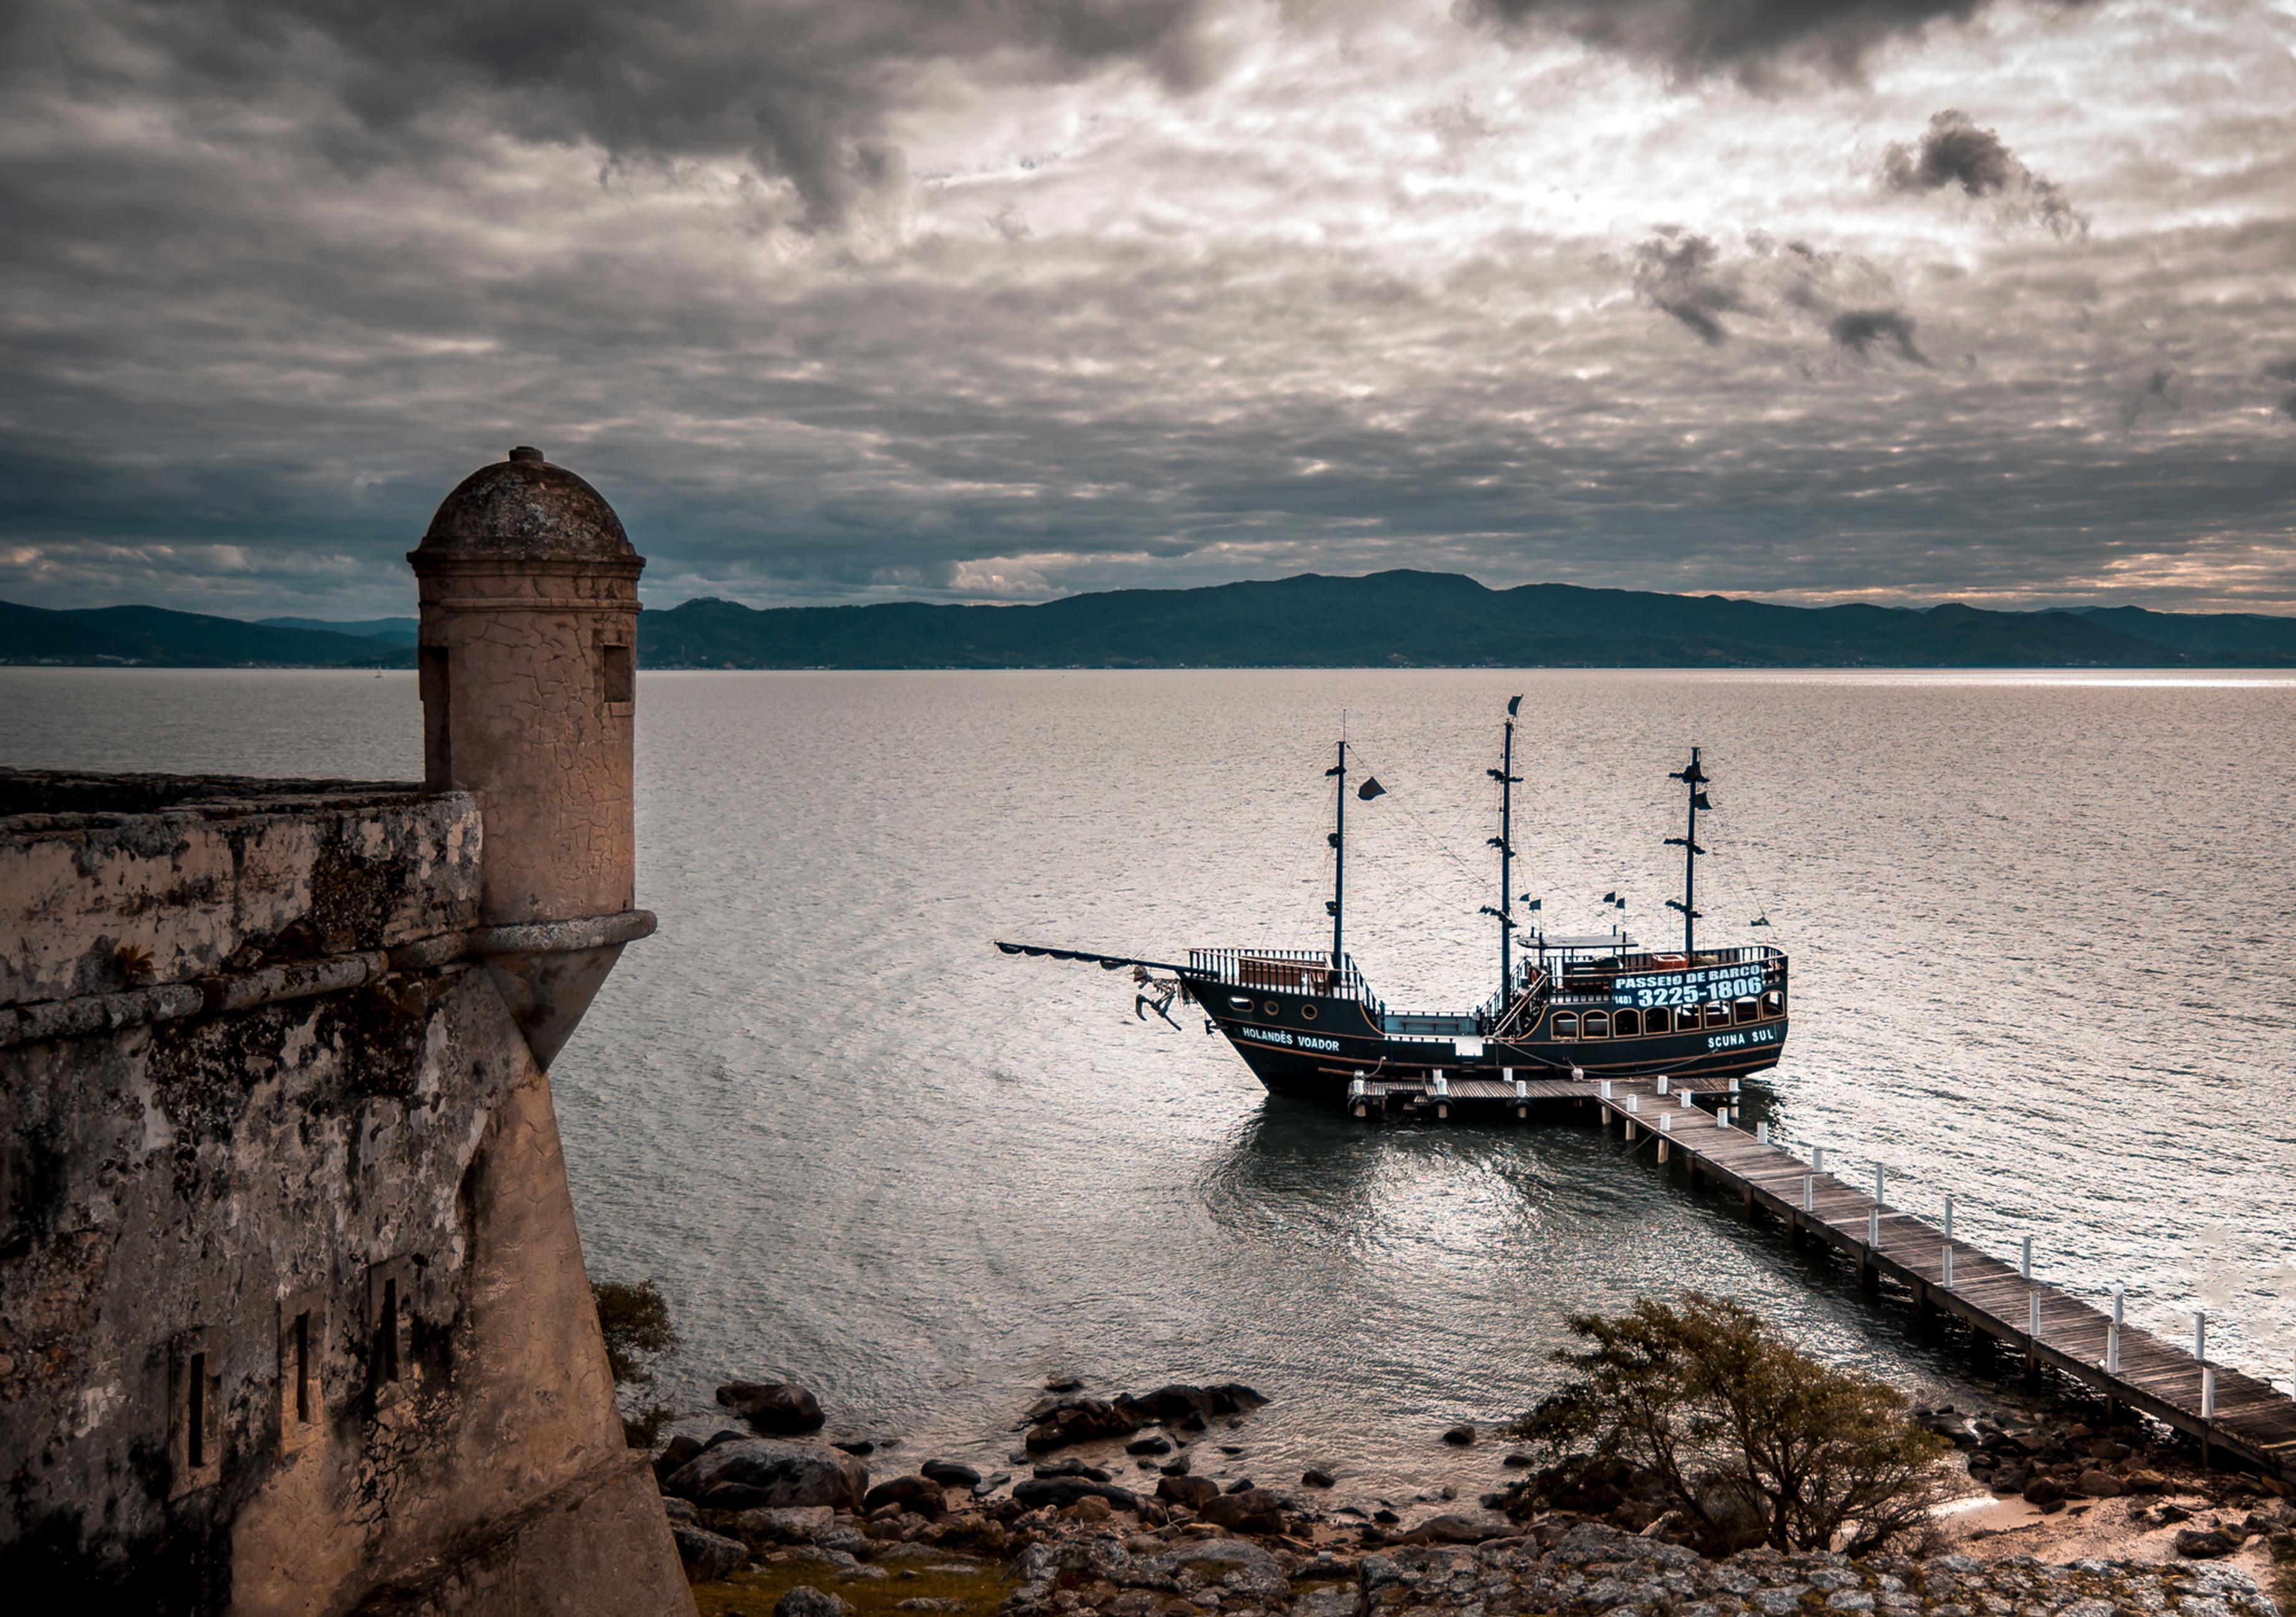 Barco Pirata Passeio Contemplativo!